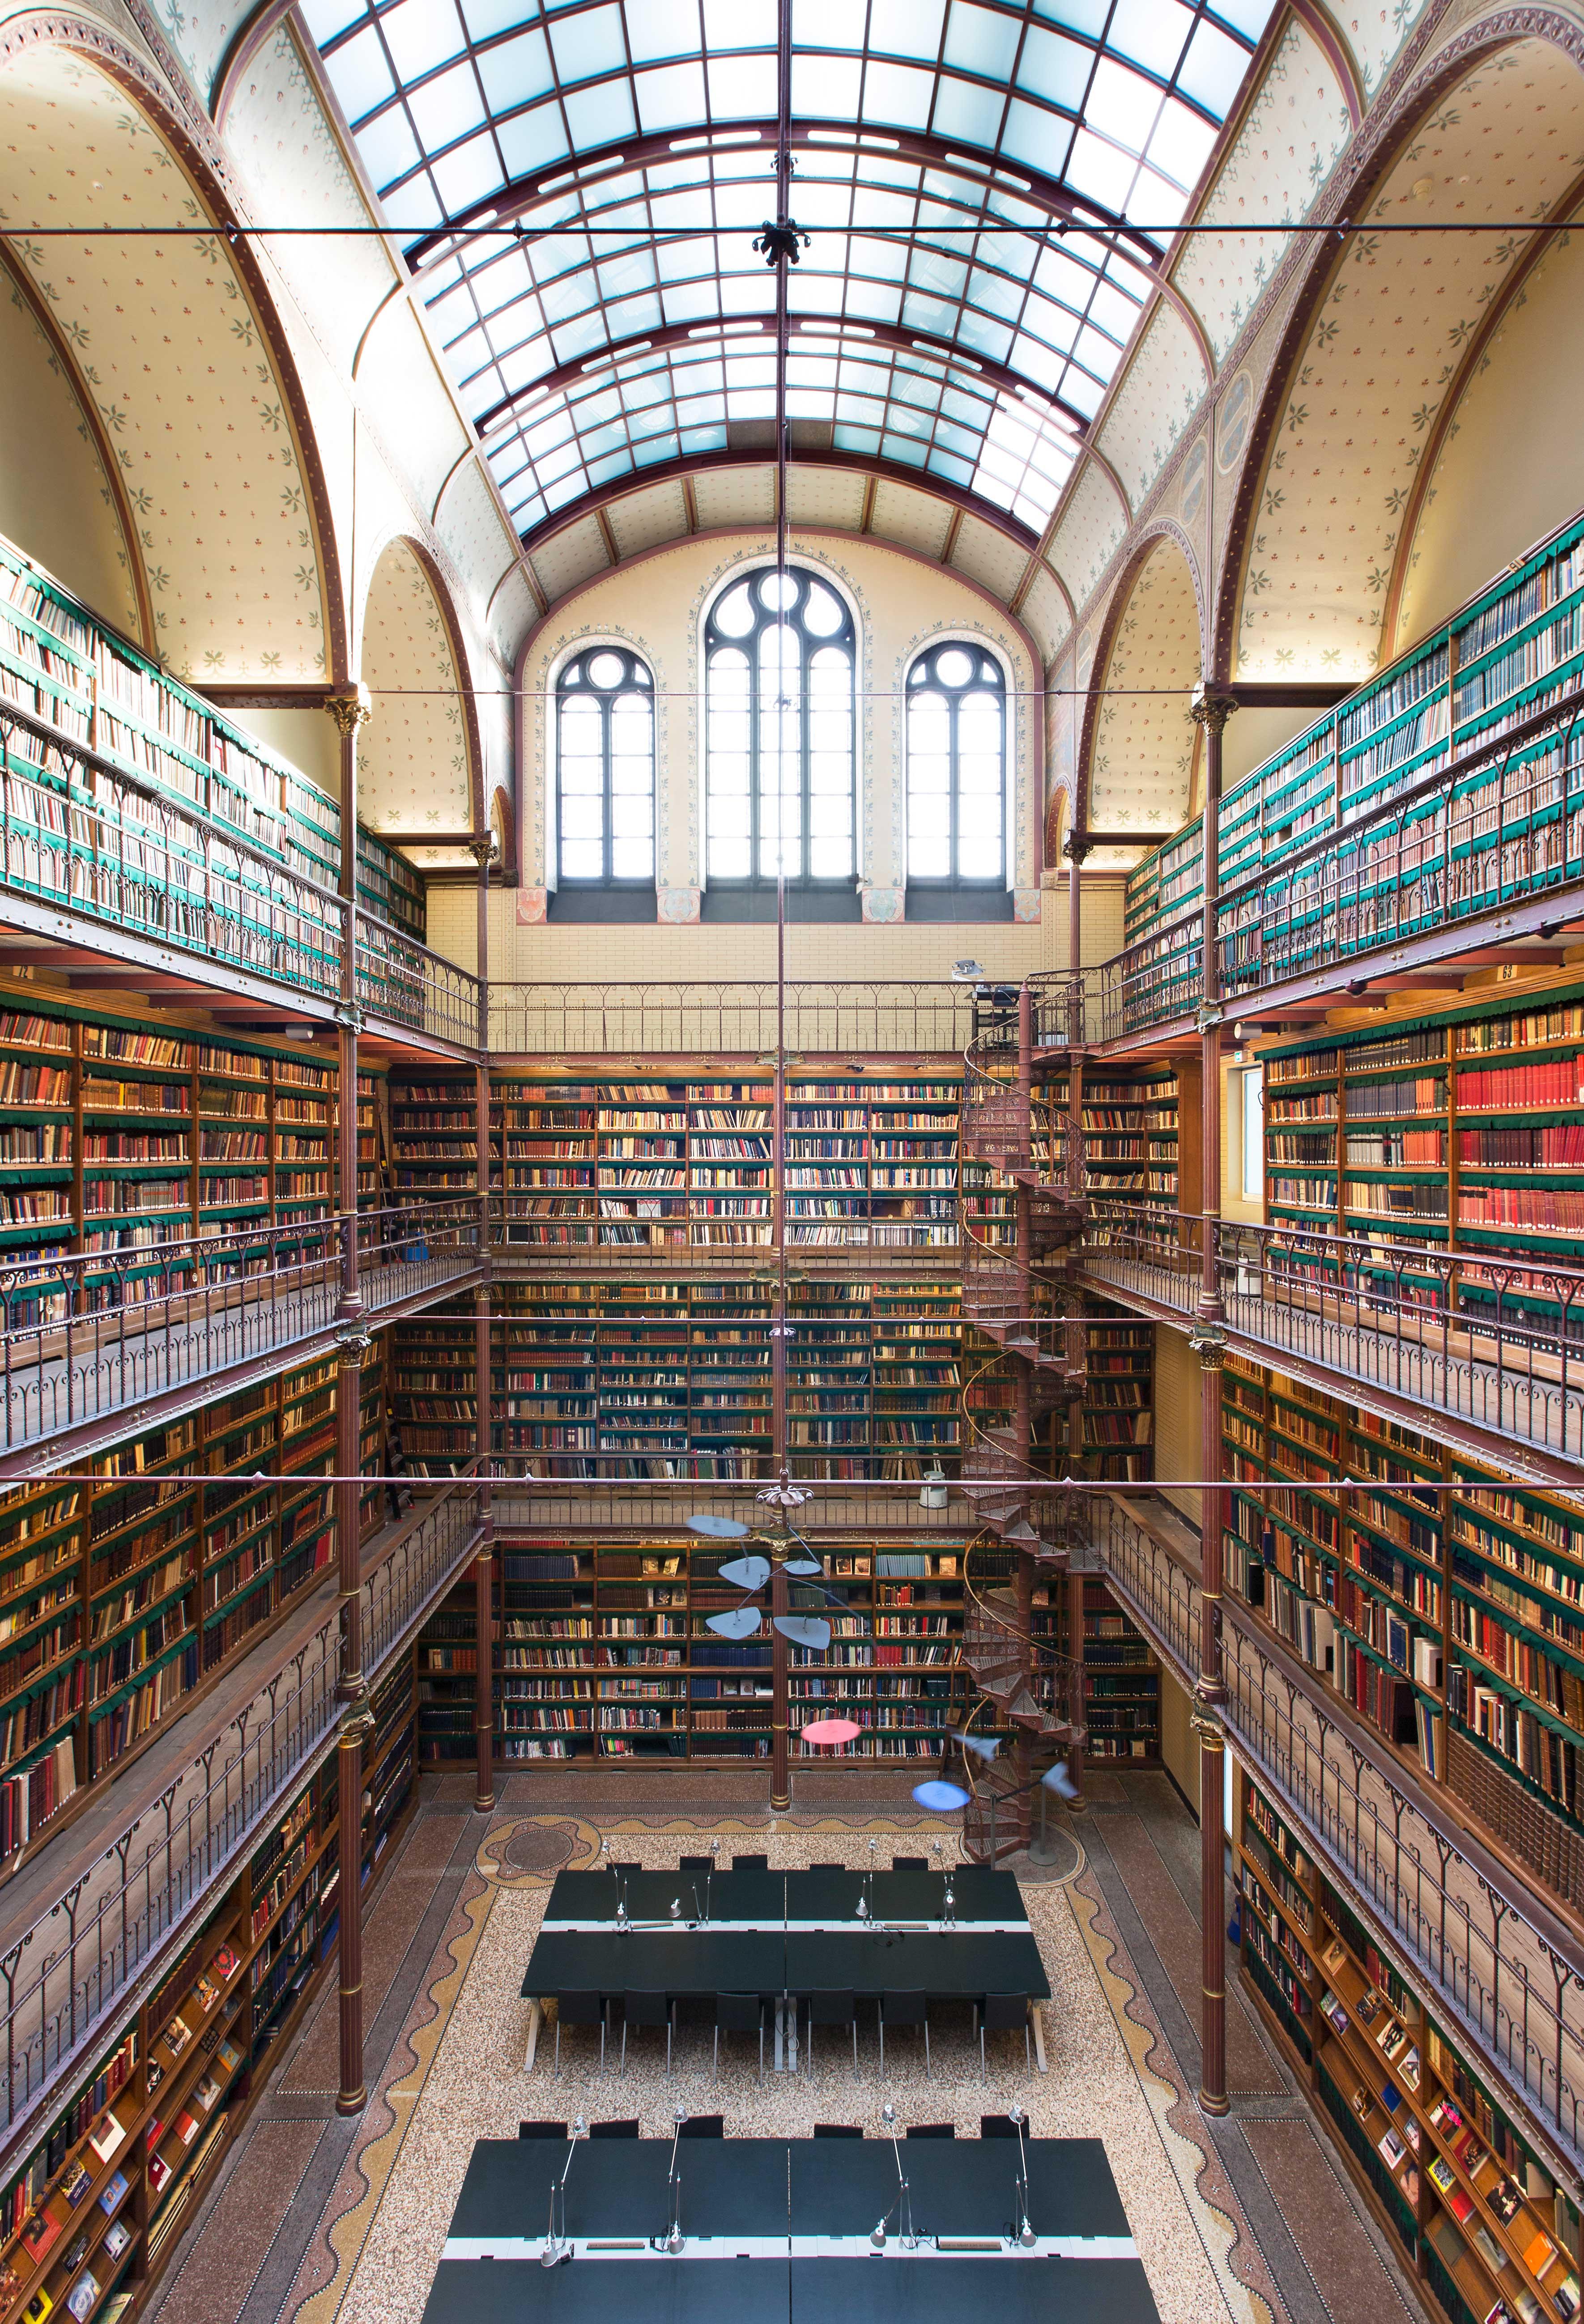 Kunsthistorische-Bibliotheek-Rijksmuseum